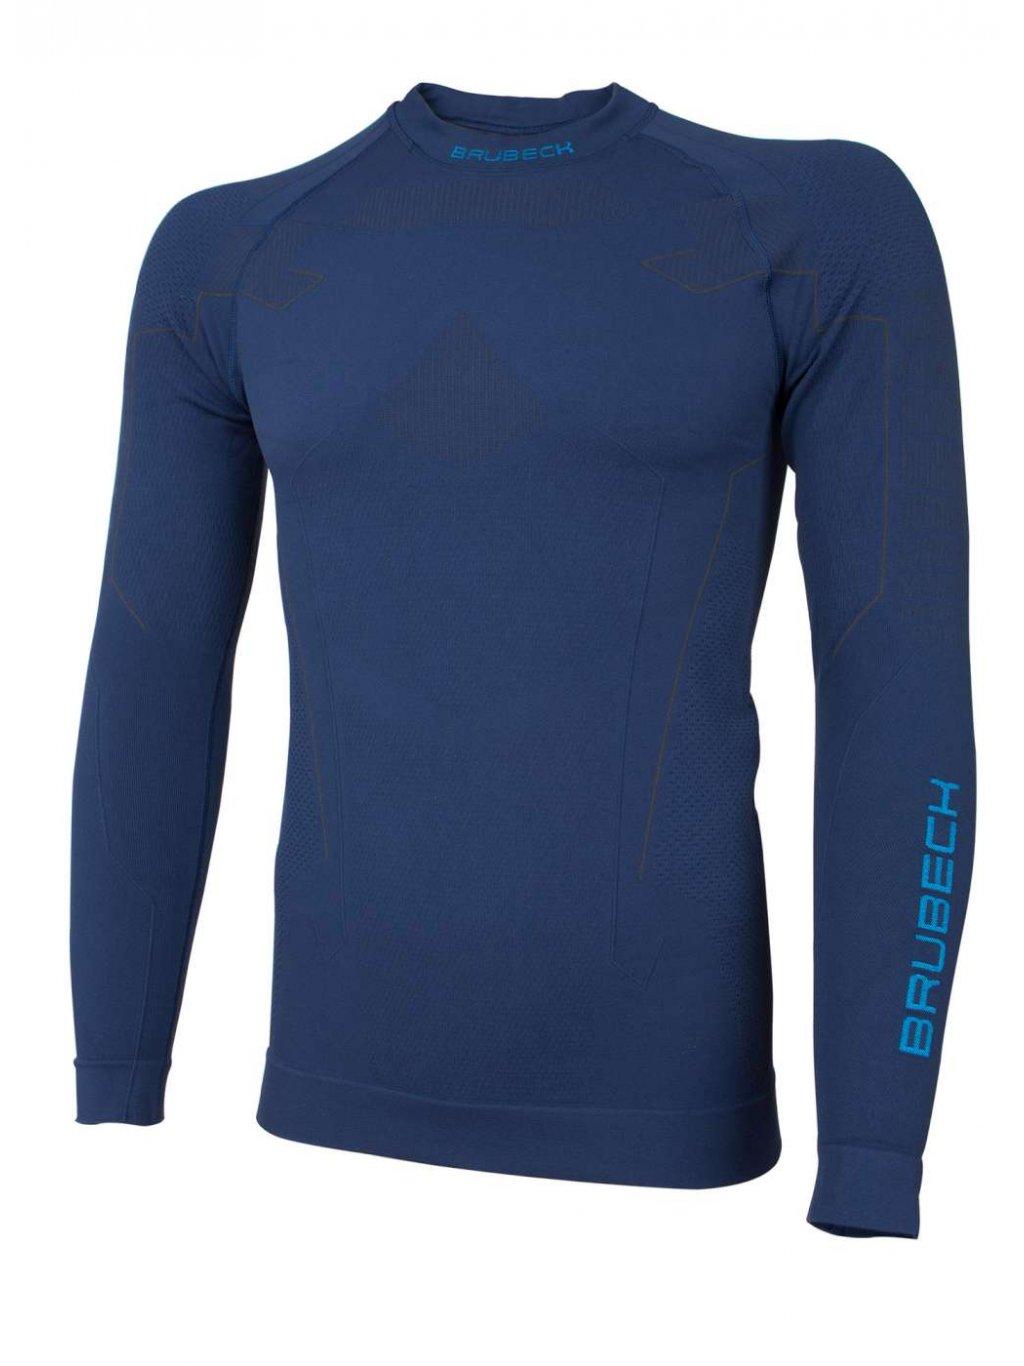 Brubeck pánské tričko s dlouhým rukávem Thermo (Barva Tmavě modrá, Velikost XXL)